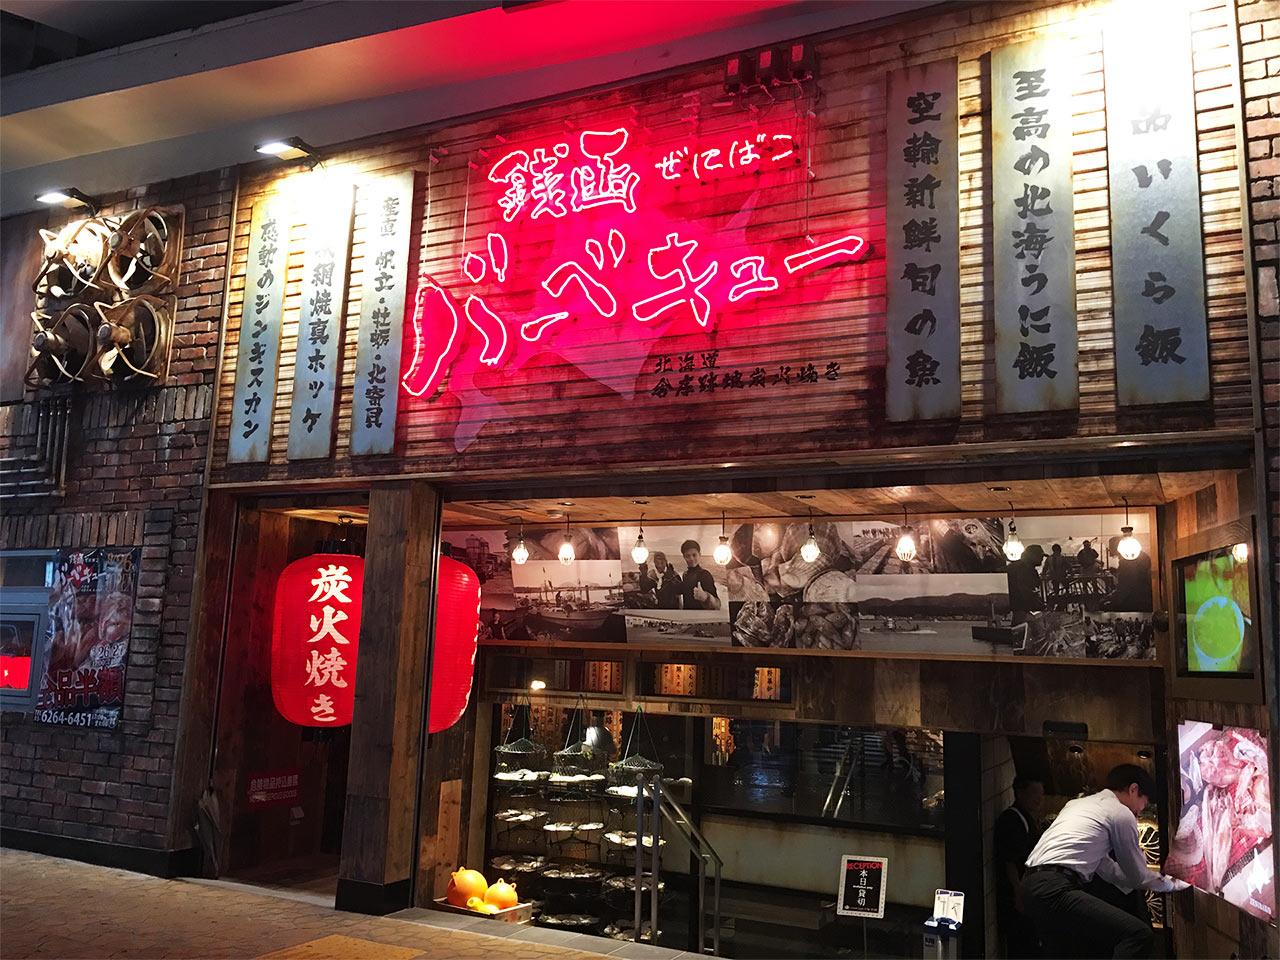 shinbashi-zenibako-bbq-gaikan